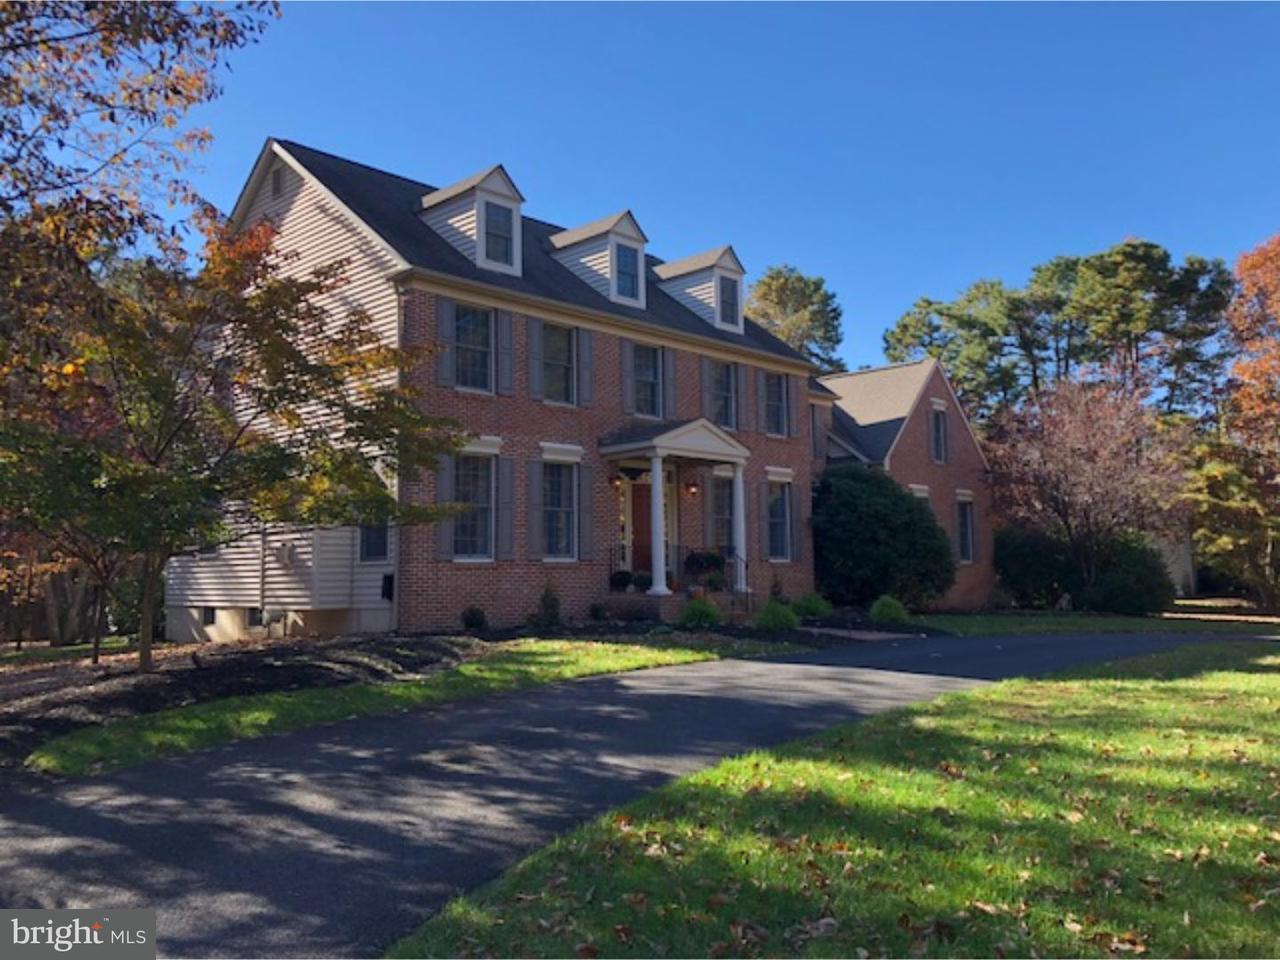 Частный односемейный дом для того Продажа на 13 AMESBURY PARKE Medford, Нью-Джерси 08055 Соединенные Штаты